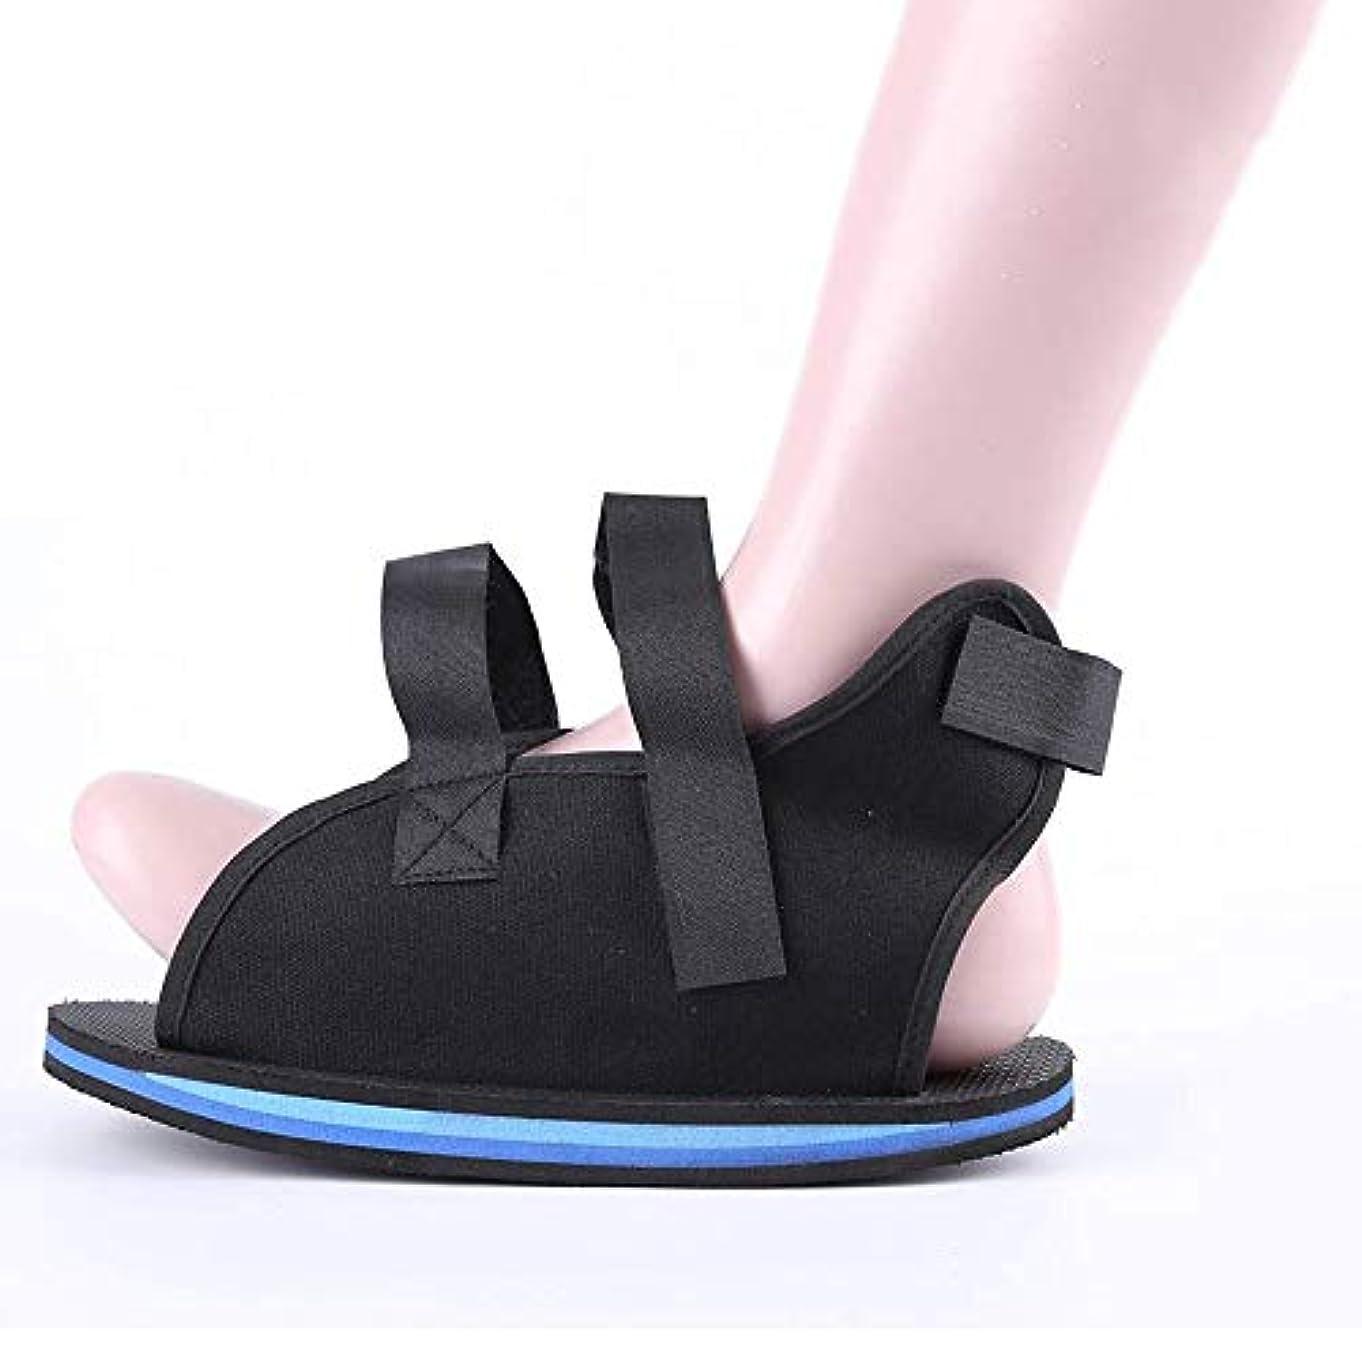 ハイブリッド便宜スカイ壊れたつま先/足の骨折のための術後靴 - カスタムフィットのための調節可能なストラップ付きの軽量医療ウォーキングブーツシューズ (Size : S)